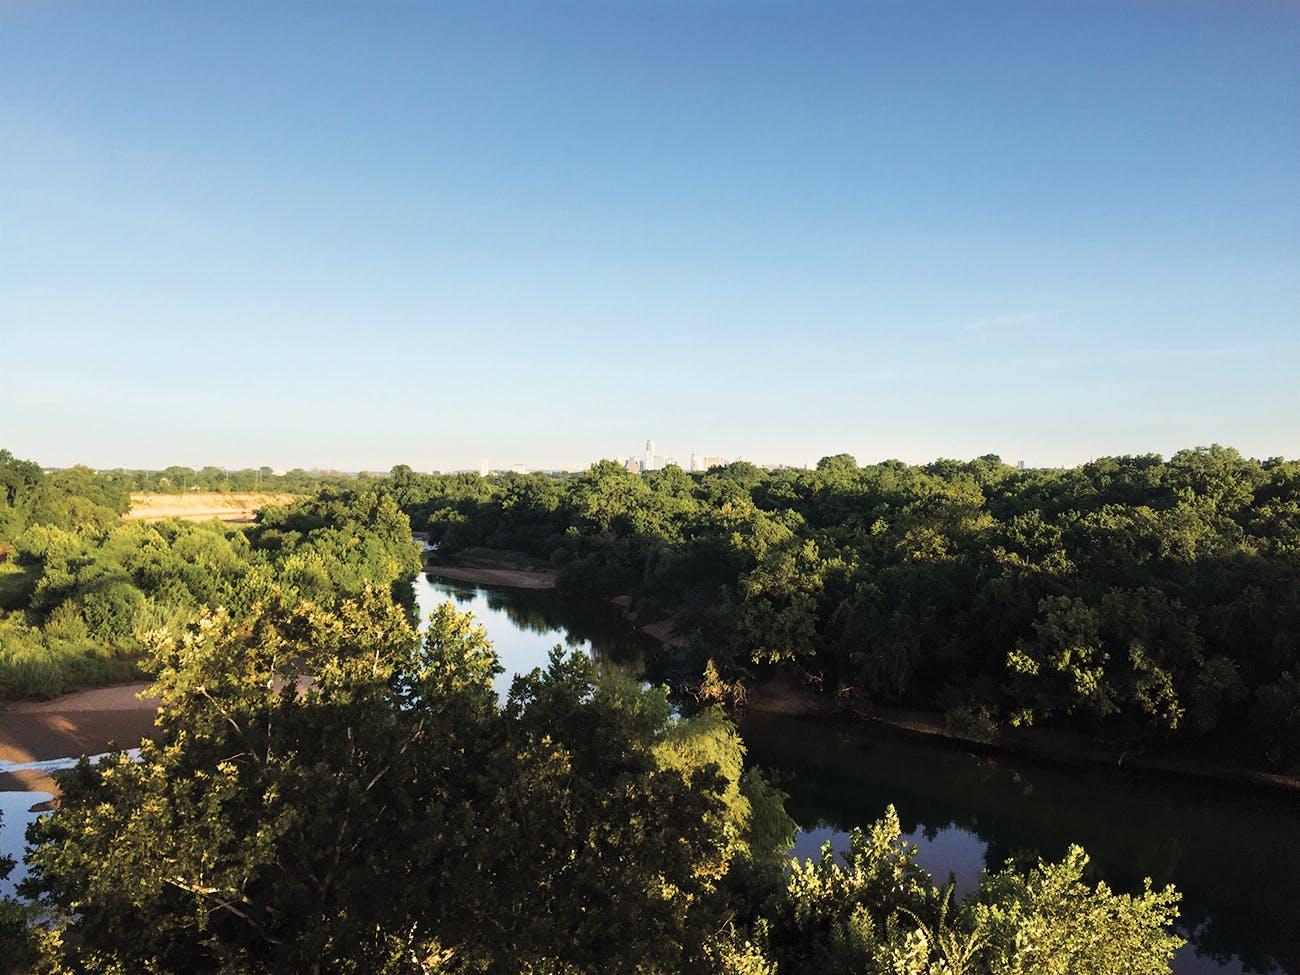 An overview of Roy G. Guerrero Colorado River Metro Park.